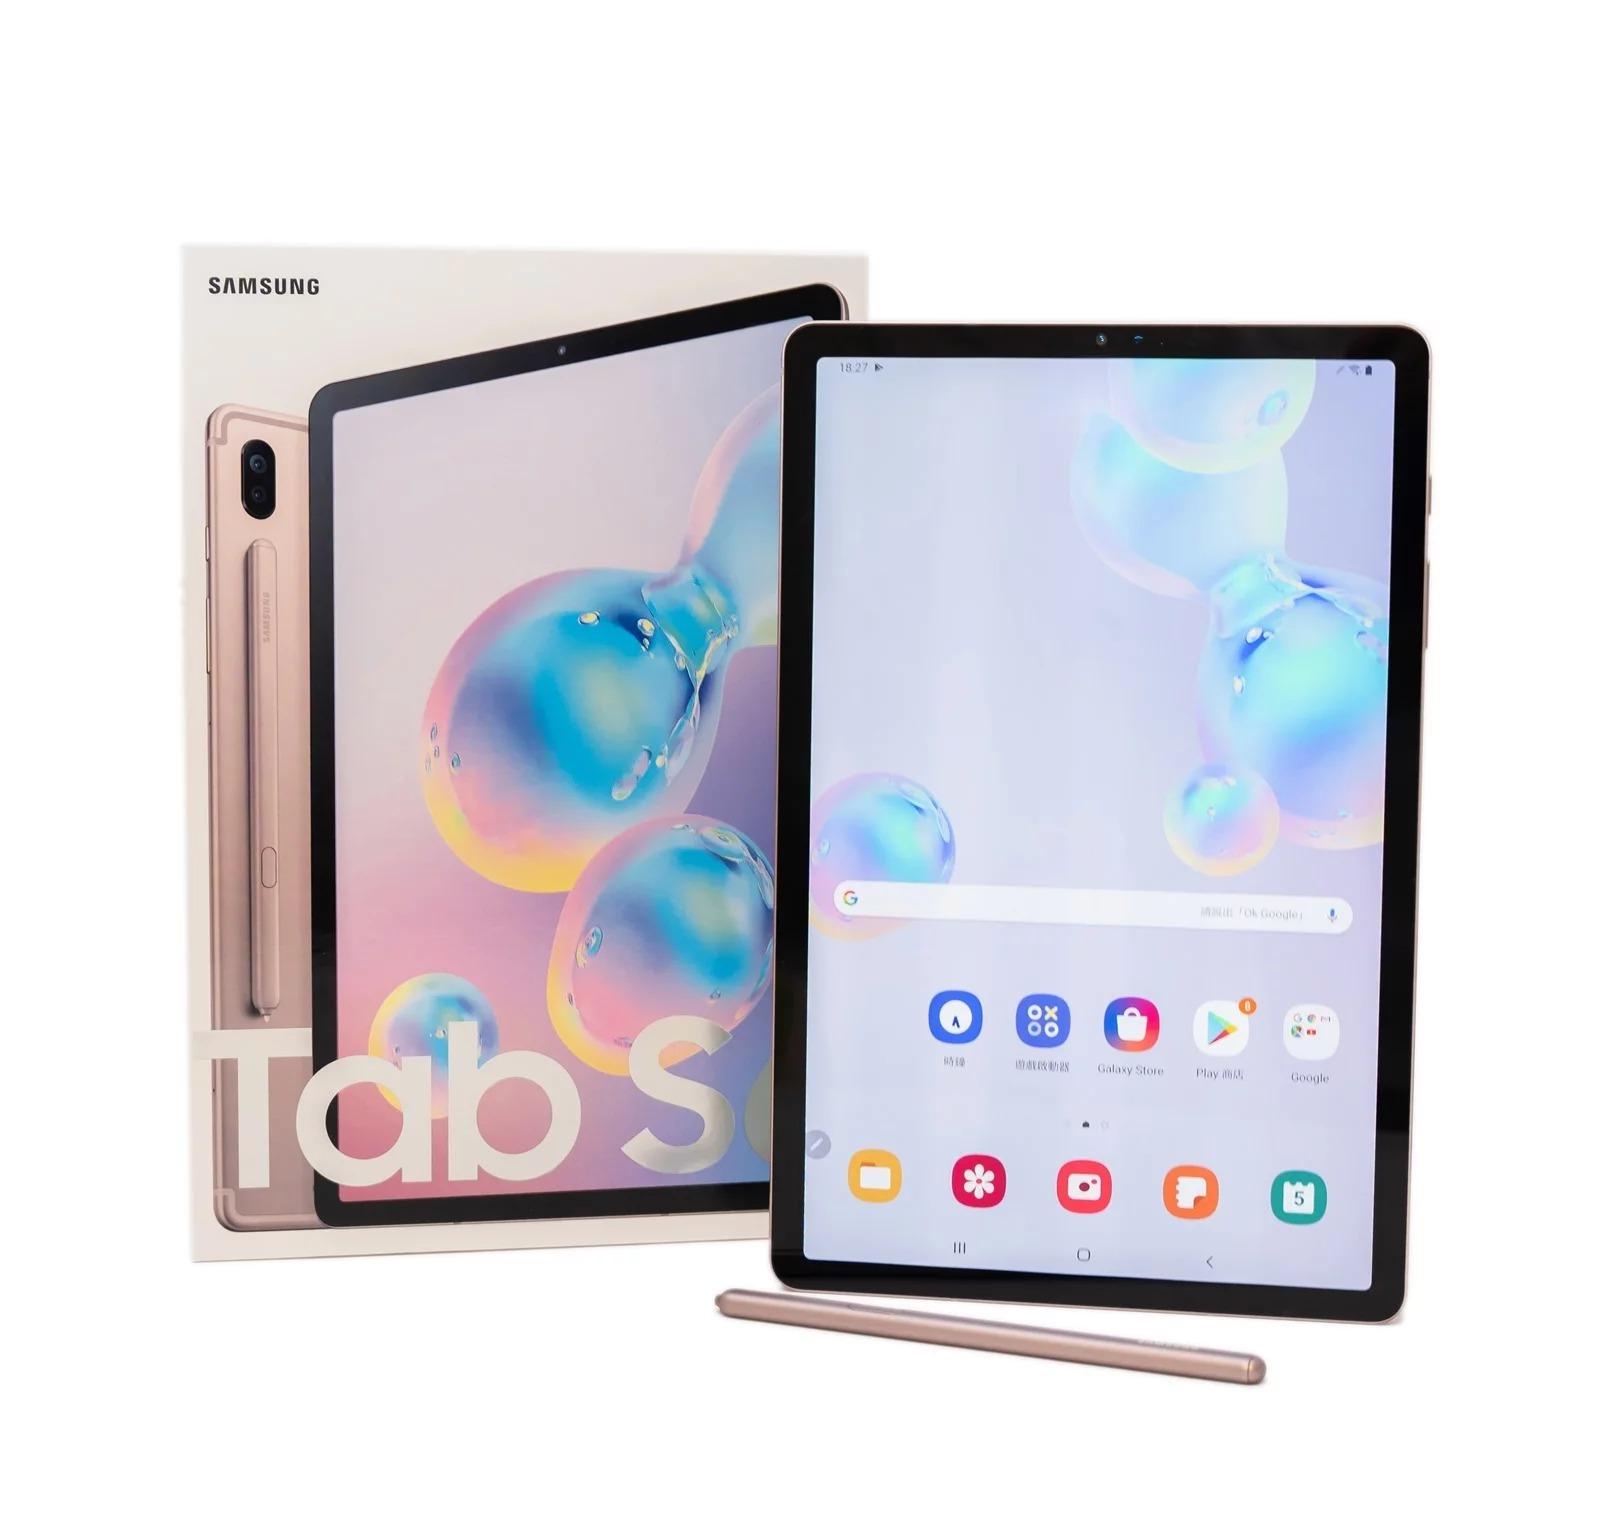 【開箱】智能行動助理Galaxy Tab S6 旗艦平版來了!